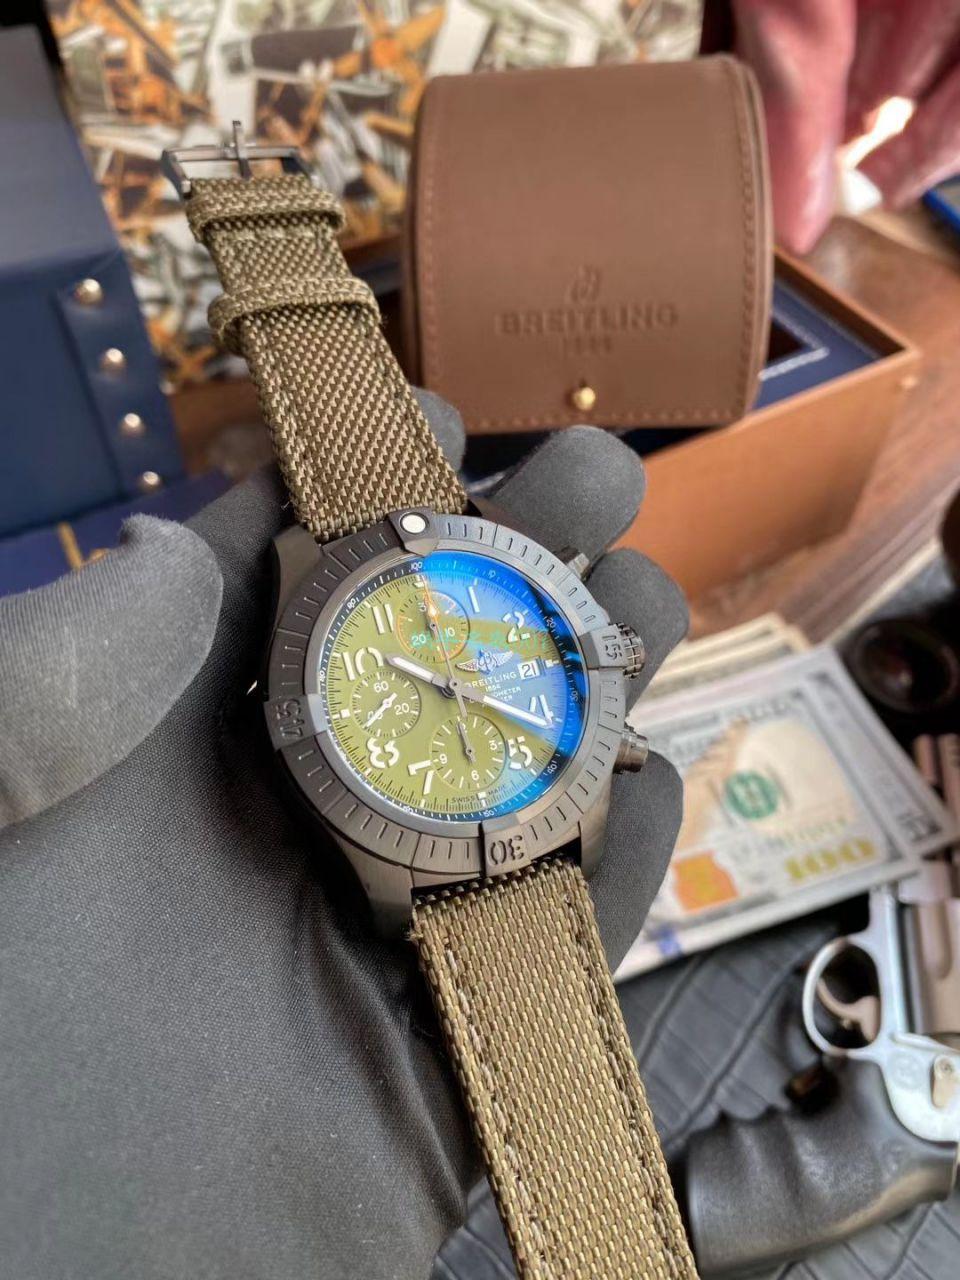 视频评测百年灵原单复仇者夜间任务计时腕表45系列V13317101L1X1腕表 / BL181